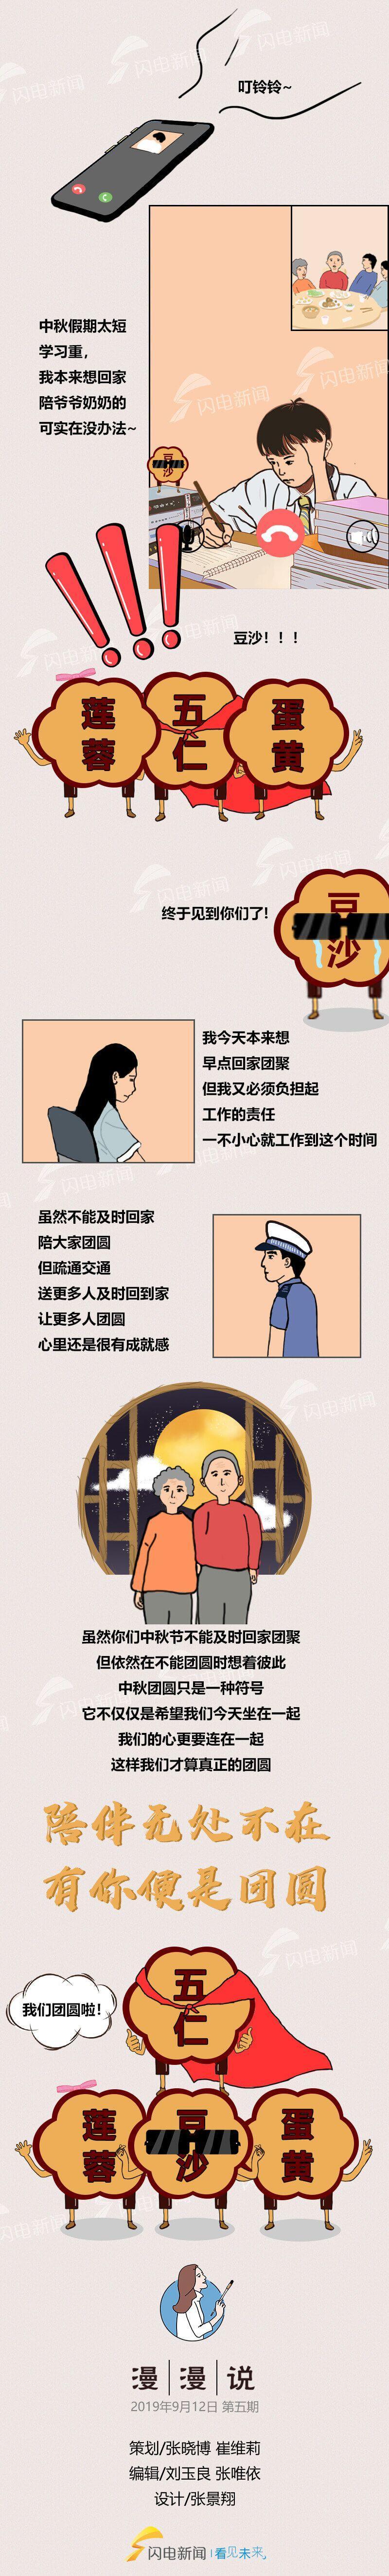 中春3-拷贝 (1).jpg